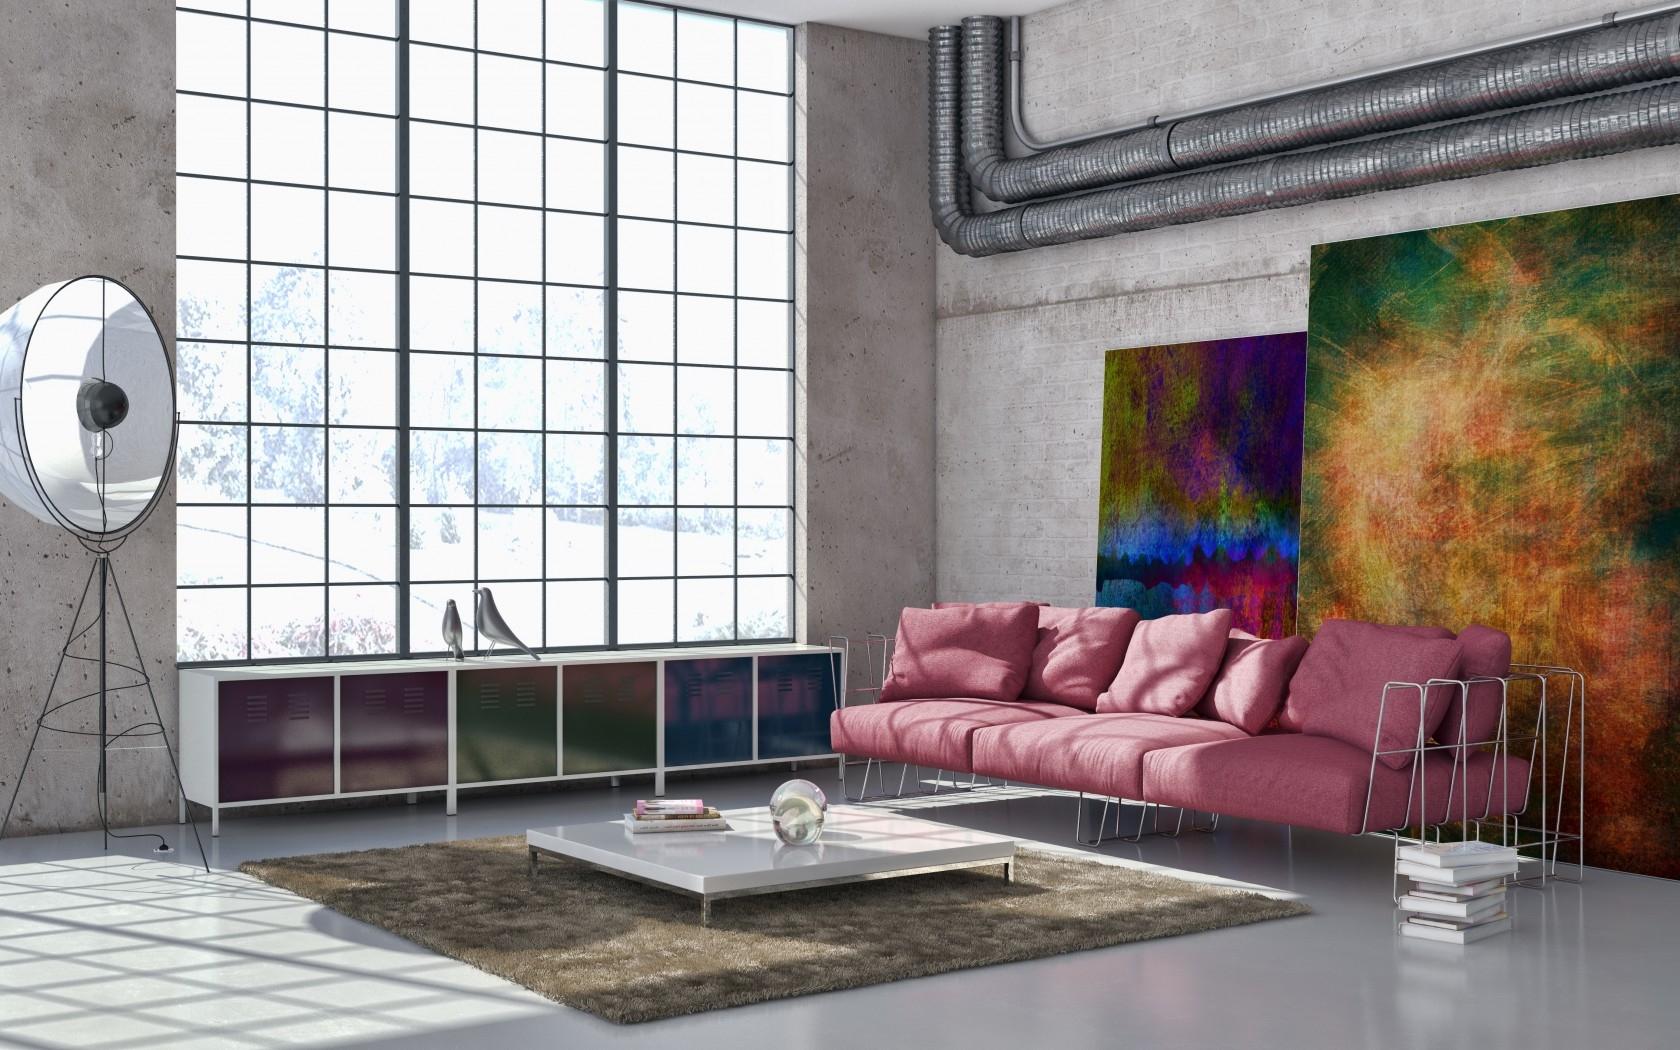 Hintergrundbilder : Fenster, Zimmer, Mauer, Tabelle, Bücher ...